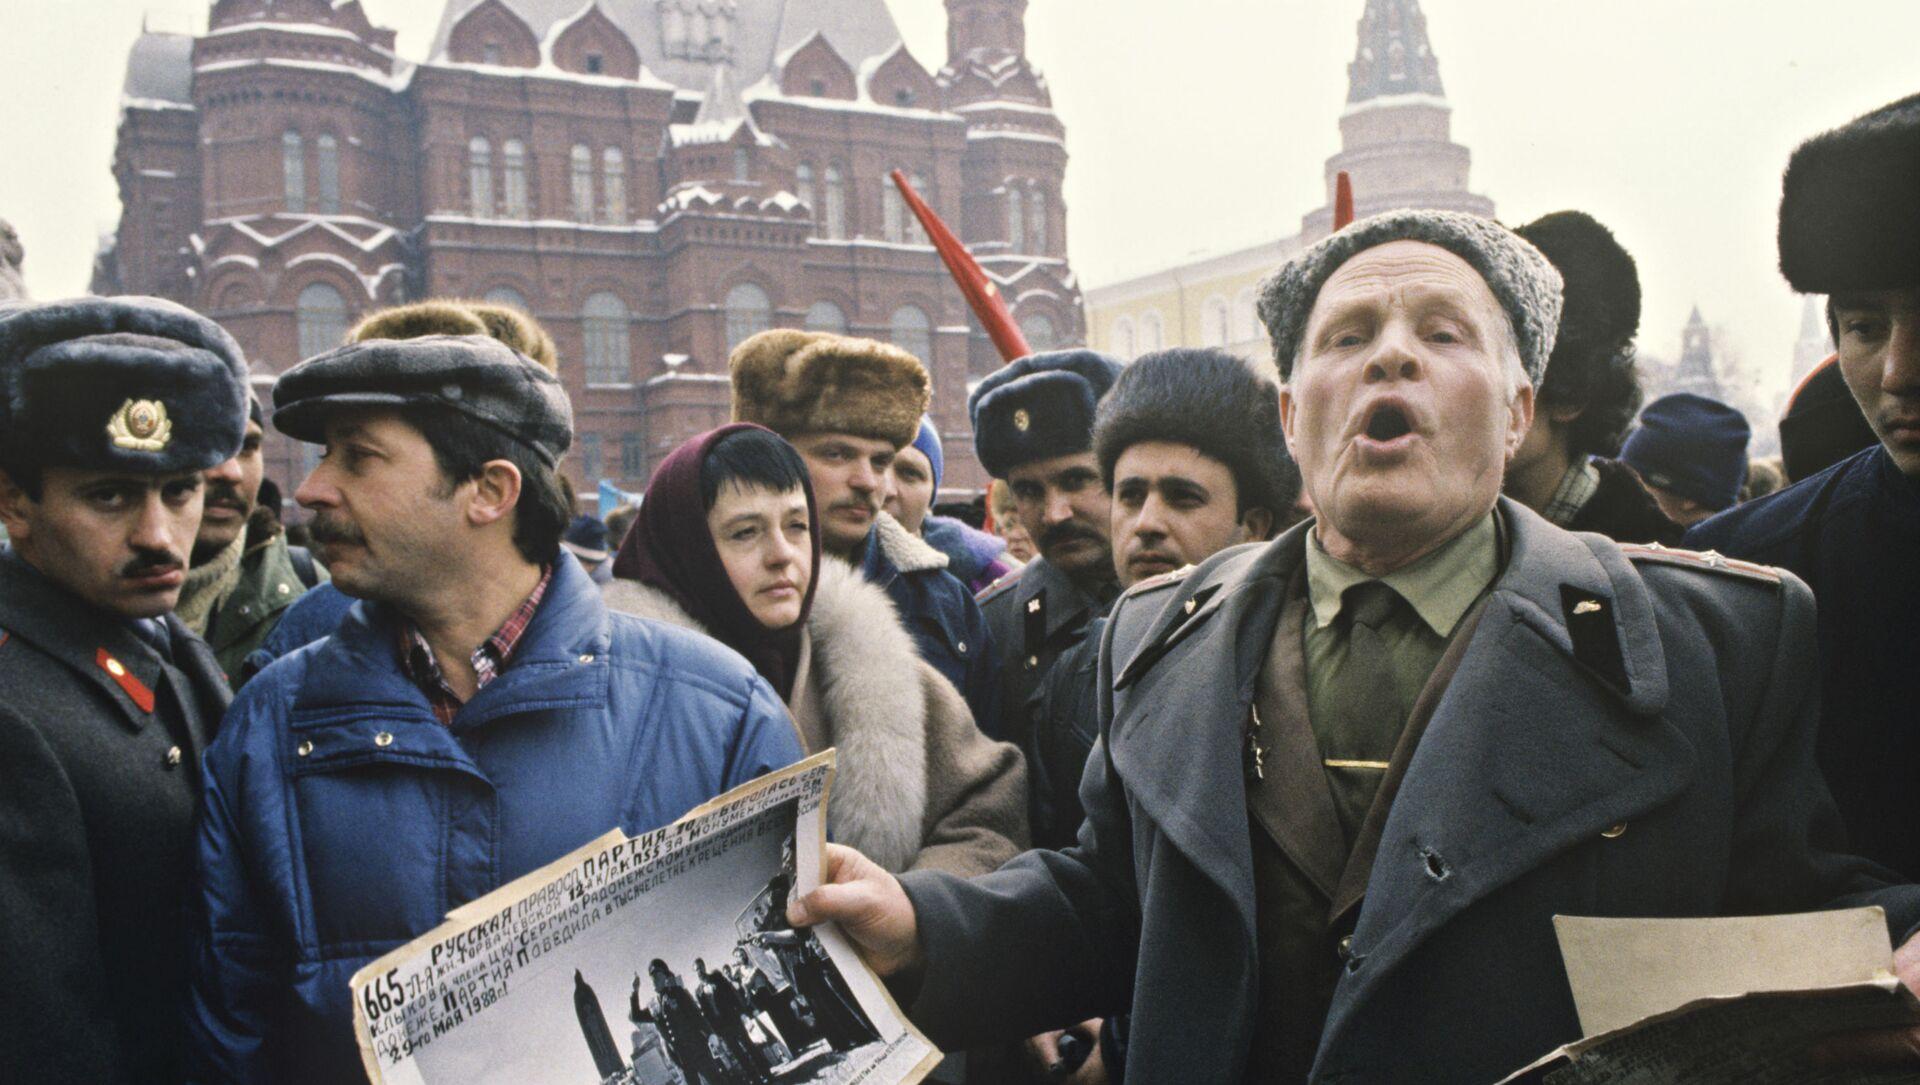 Manifestación a favor de la unidad de la Unión Soviética - Sputnik Mundo, 1920, 17.07.2019